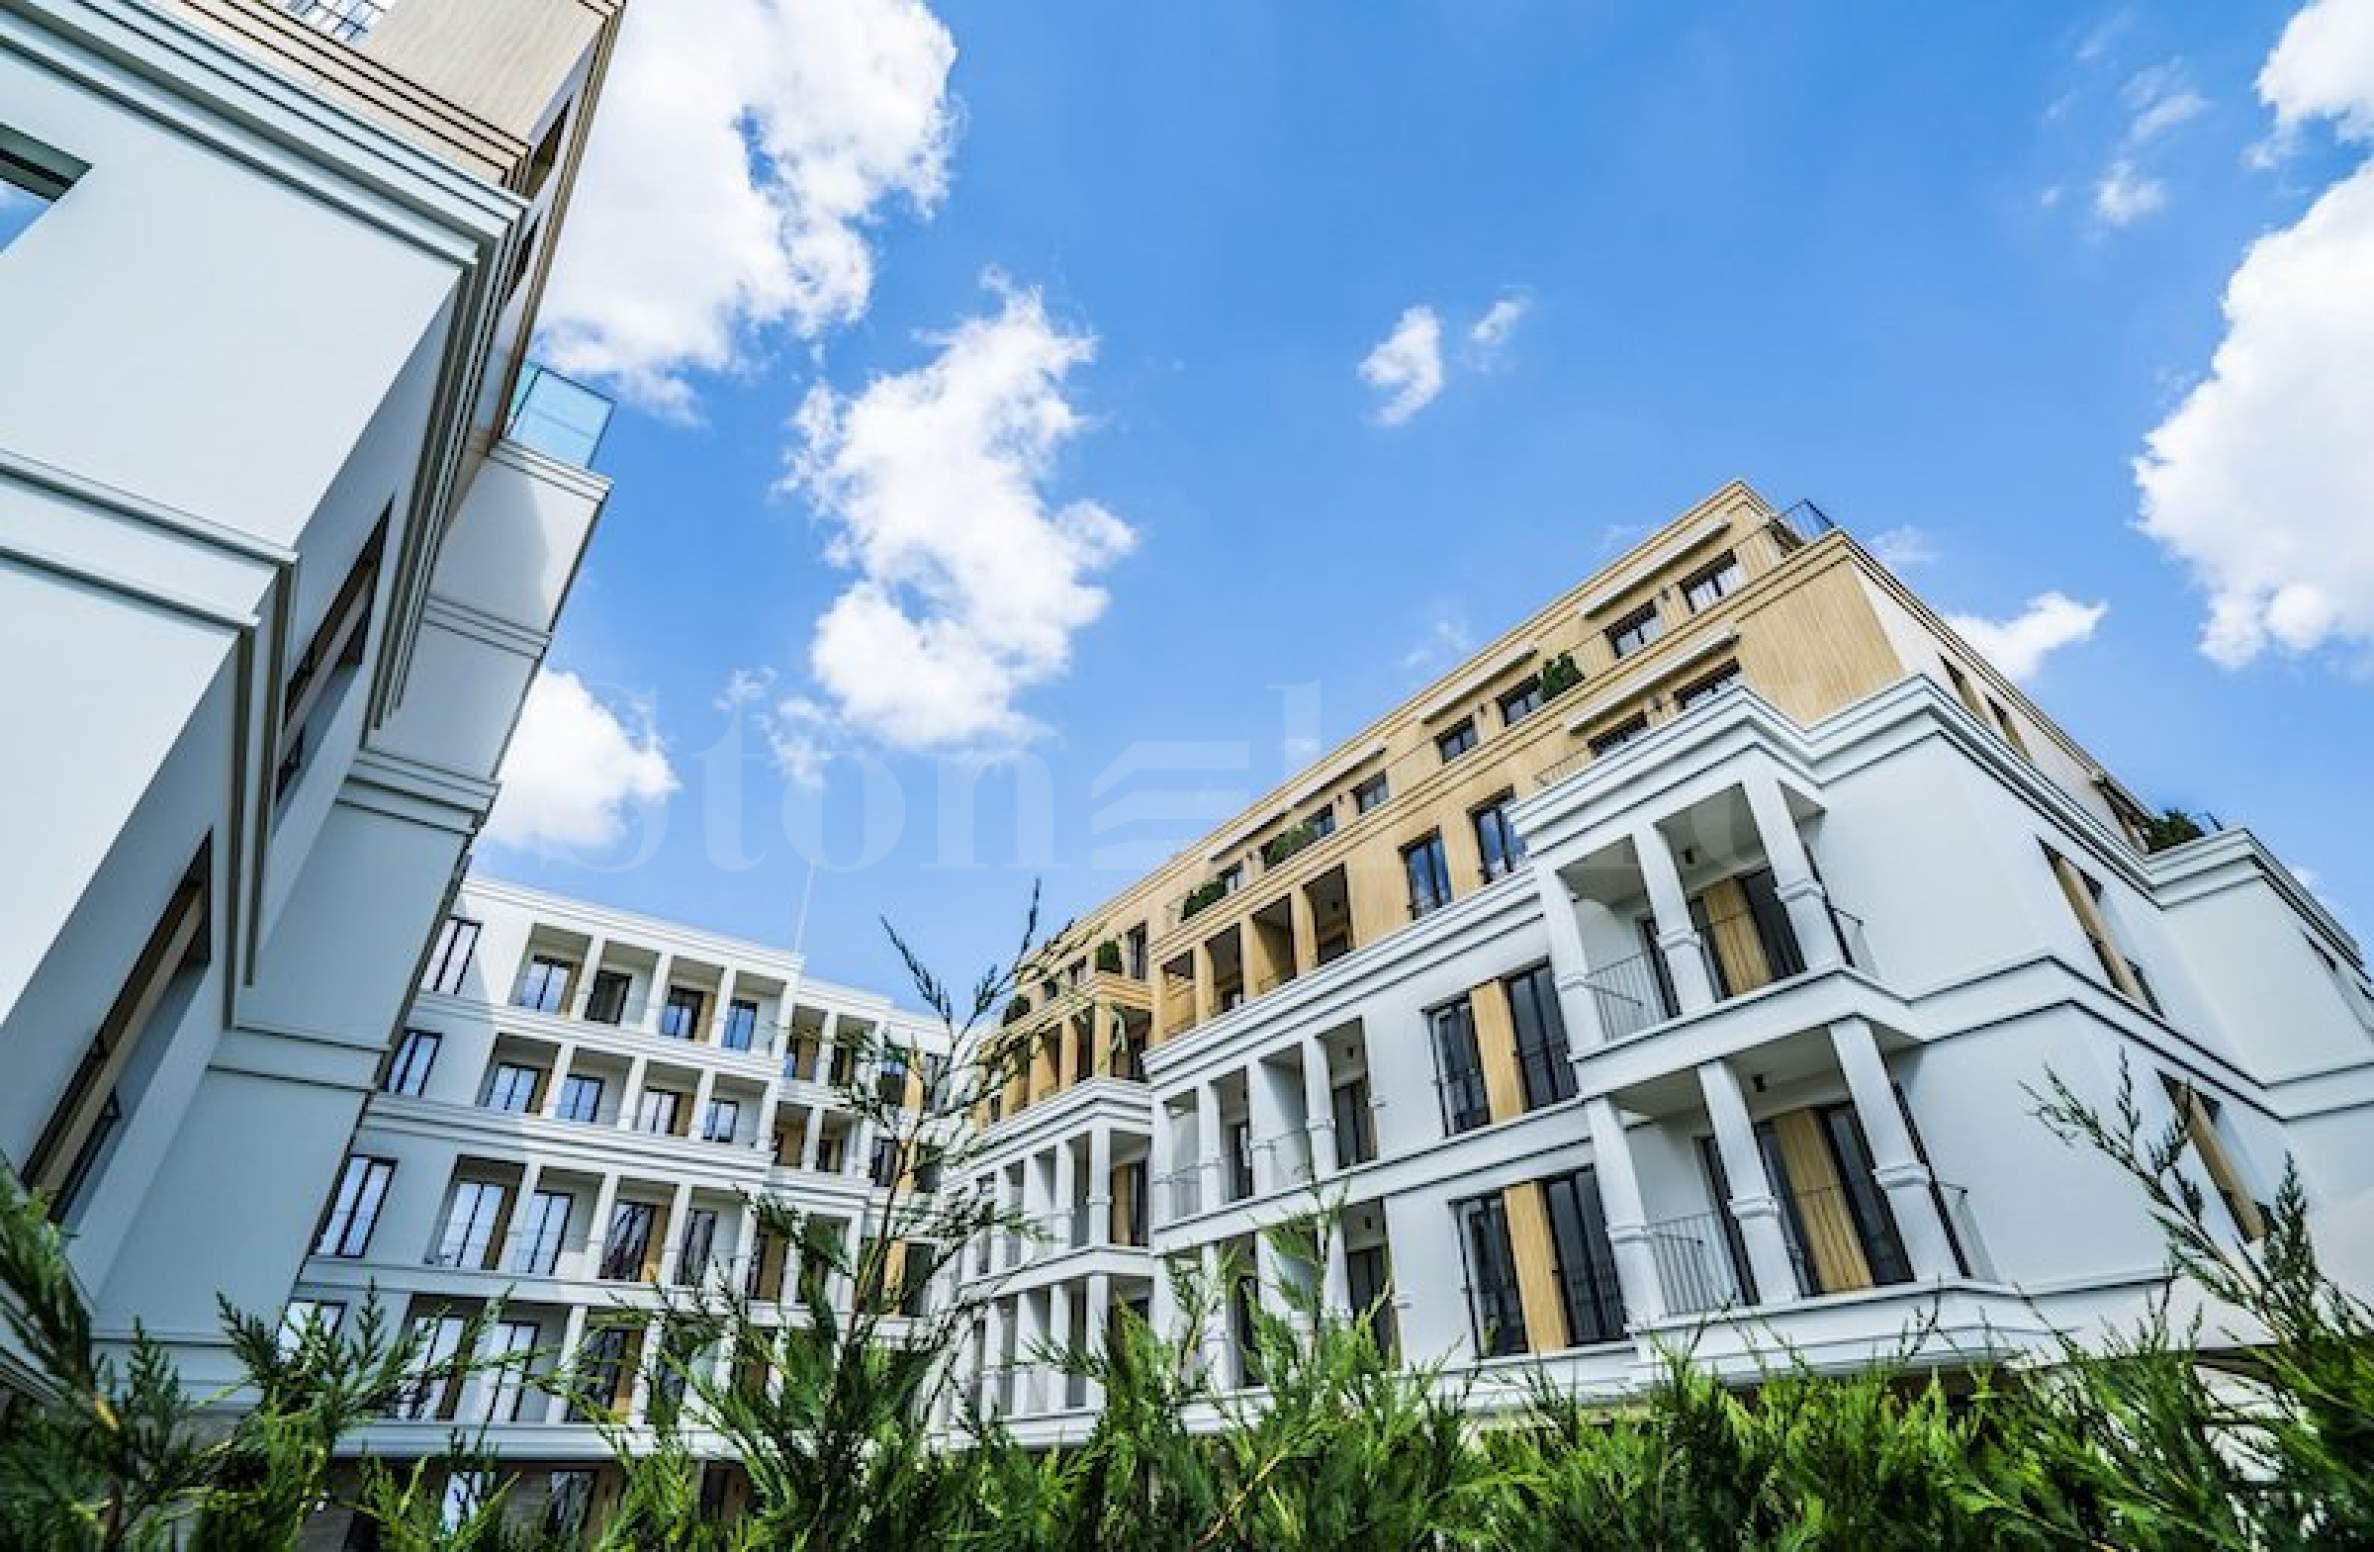 Апартаменти в престижен жилищен комплекс2 - Stonehard